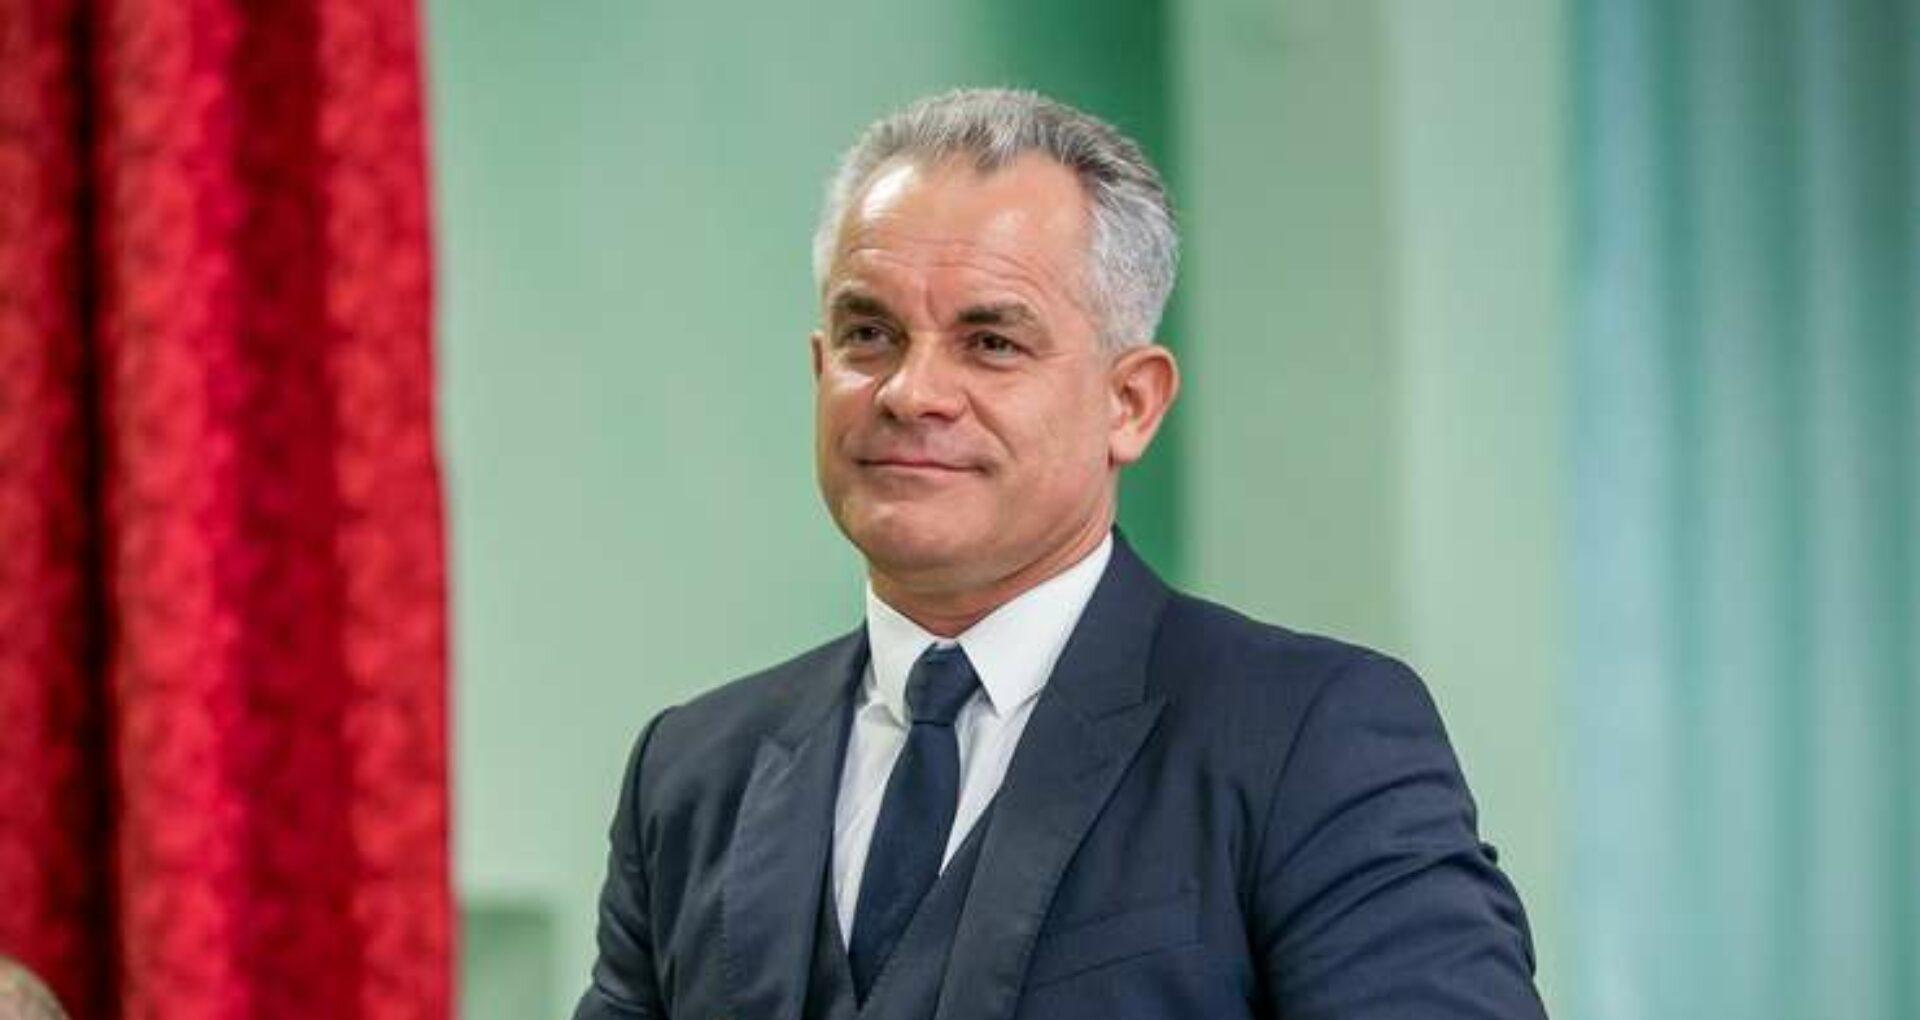 Bunuri imobile din R. Moldova ale lui Vlad Plahotniuc, în valoare de 33 de mln. de lei, sechestrate